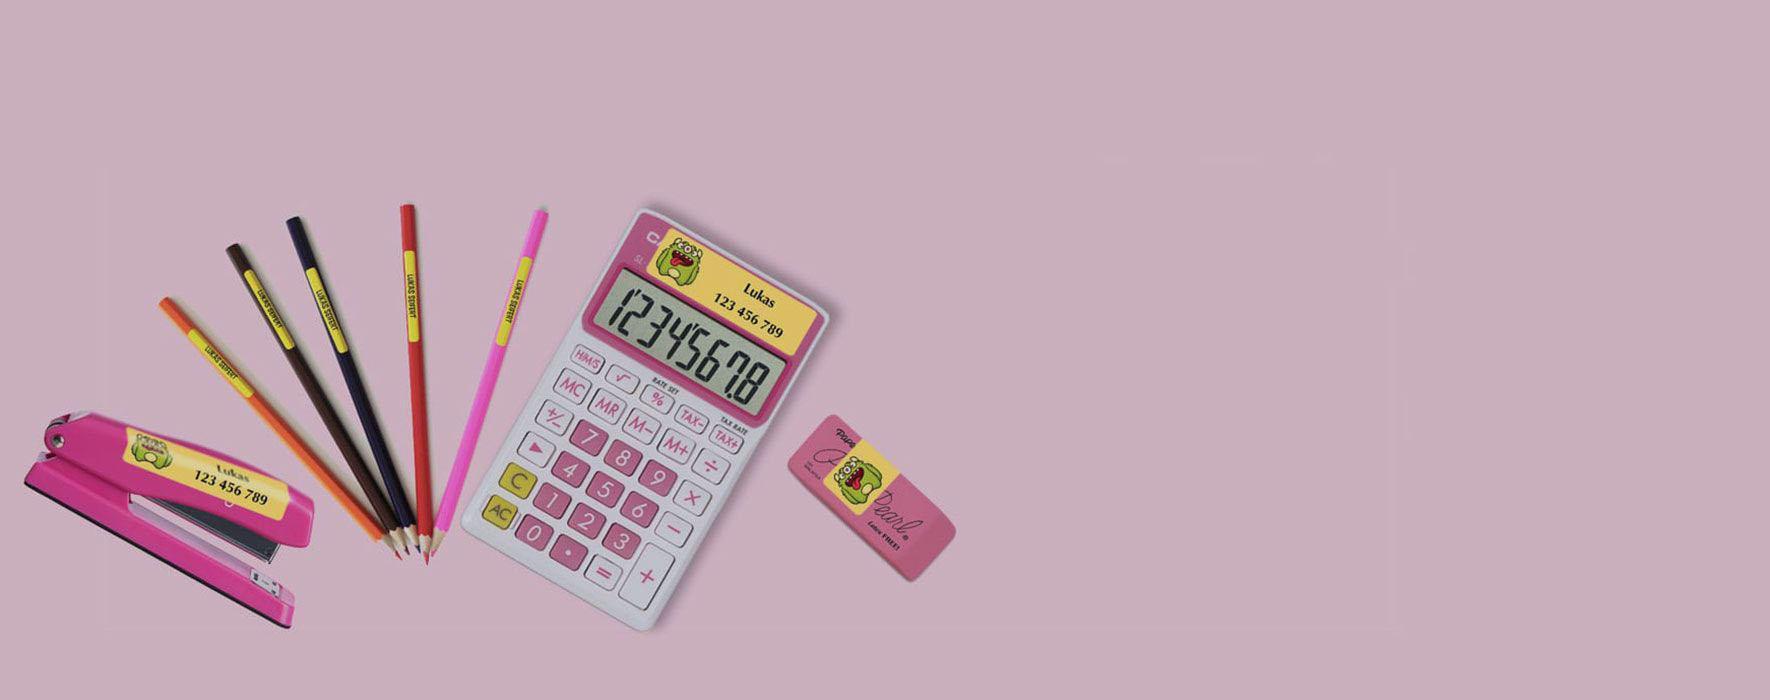 Site ecommerce StickerKid